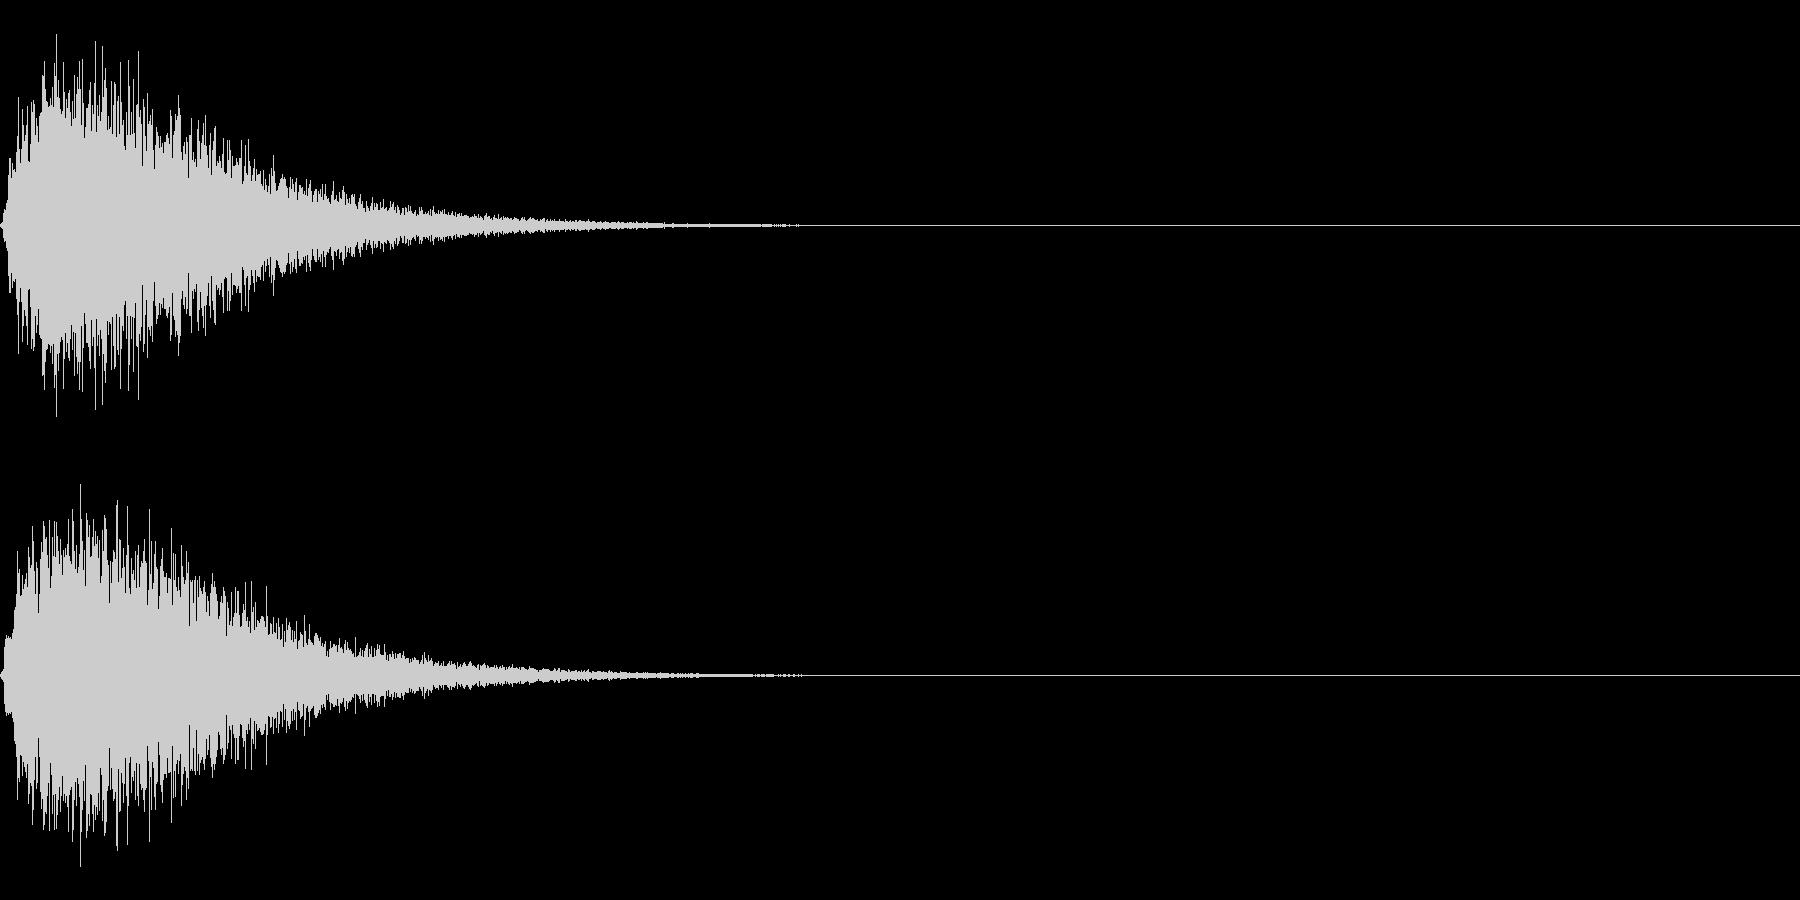 キュイン ボタン ピキーン キーン 8の未再生の波形